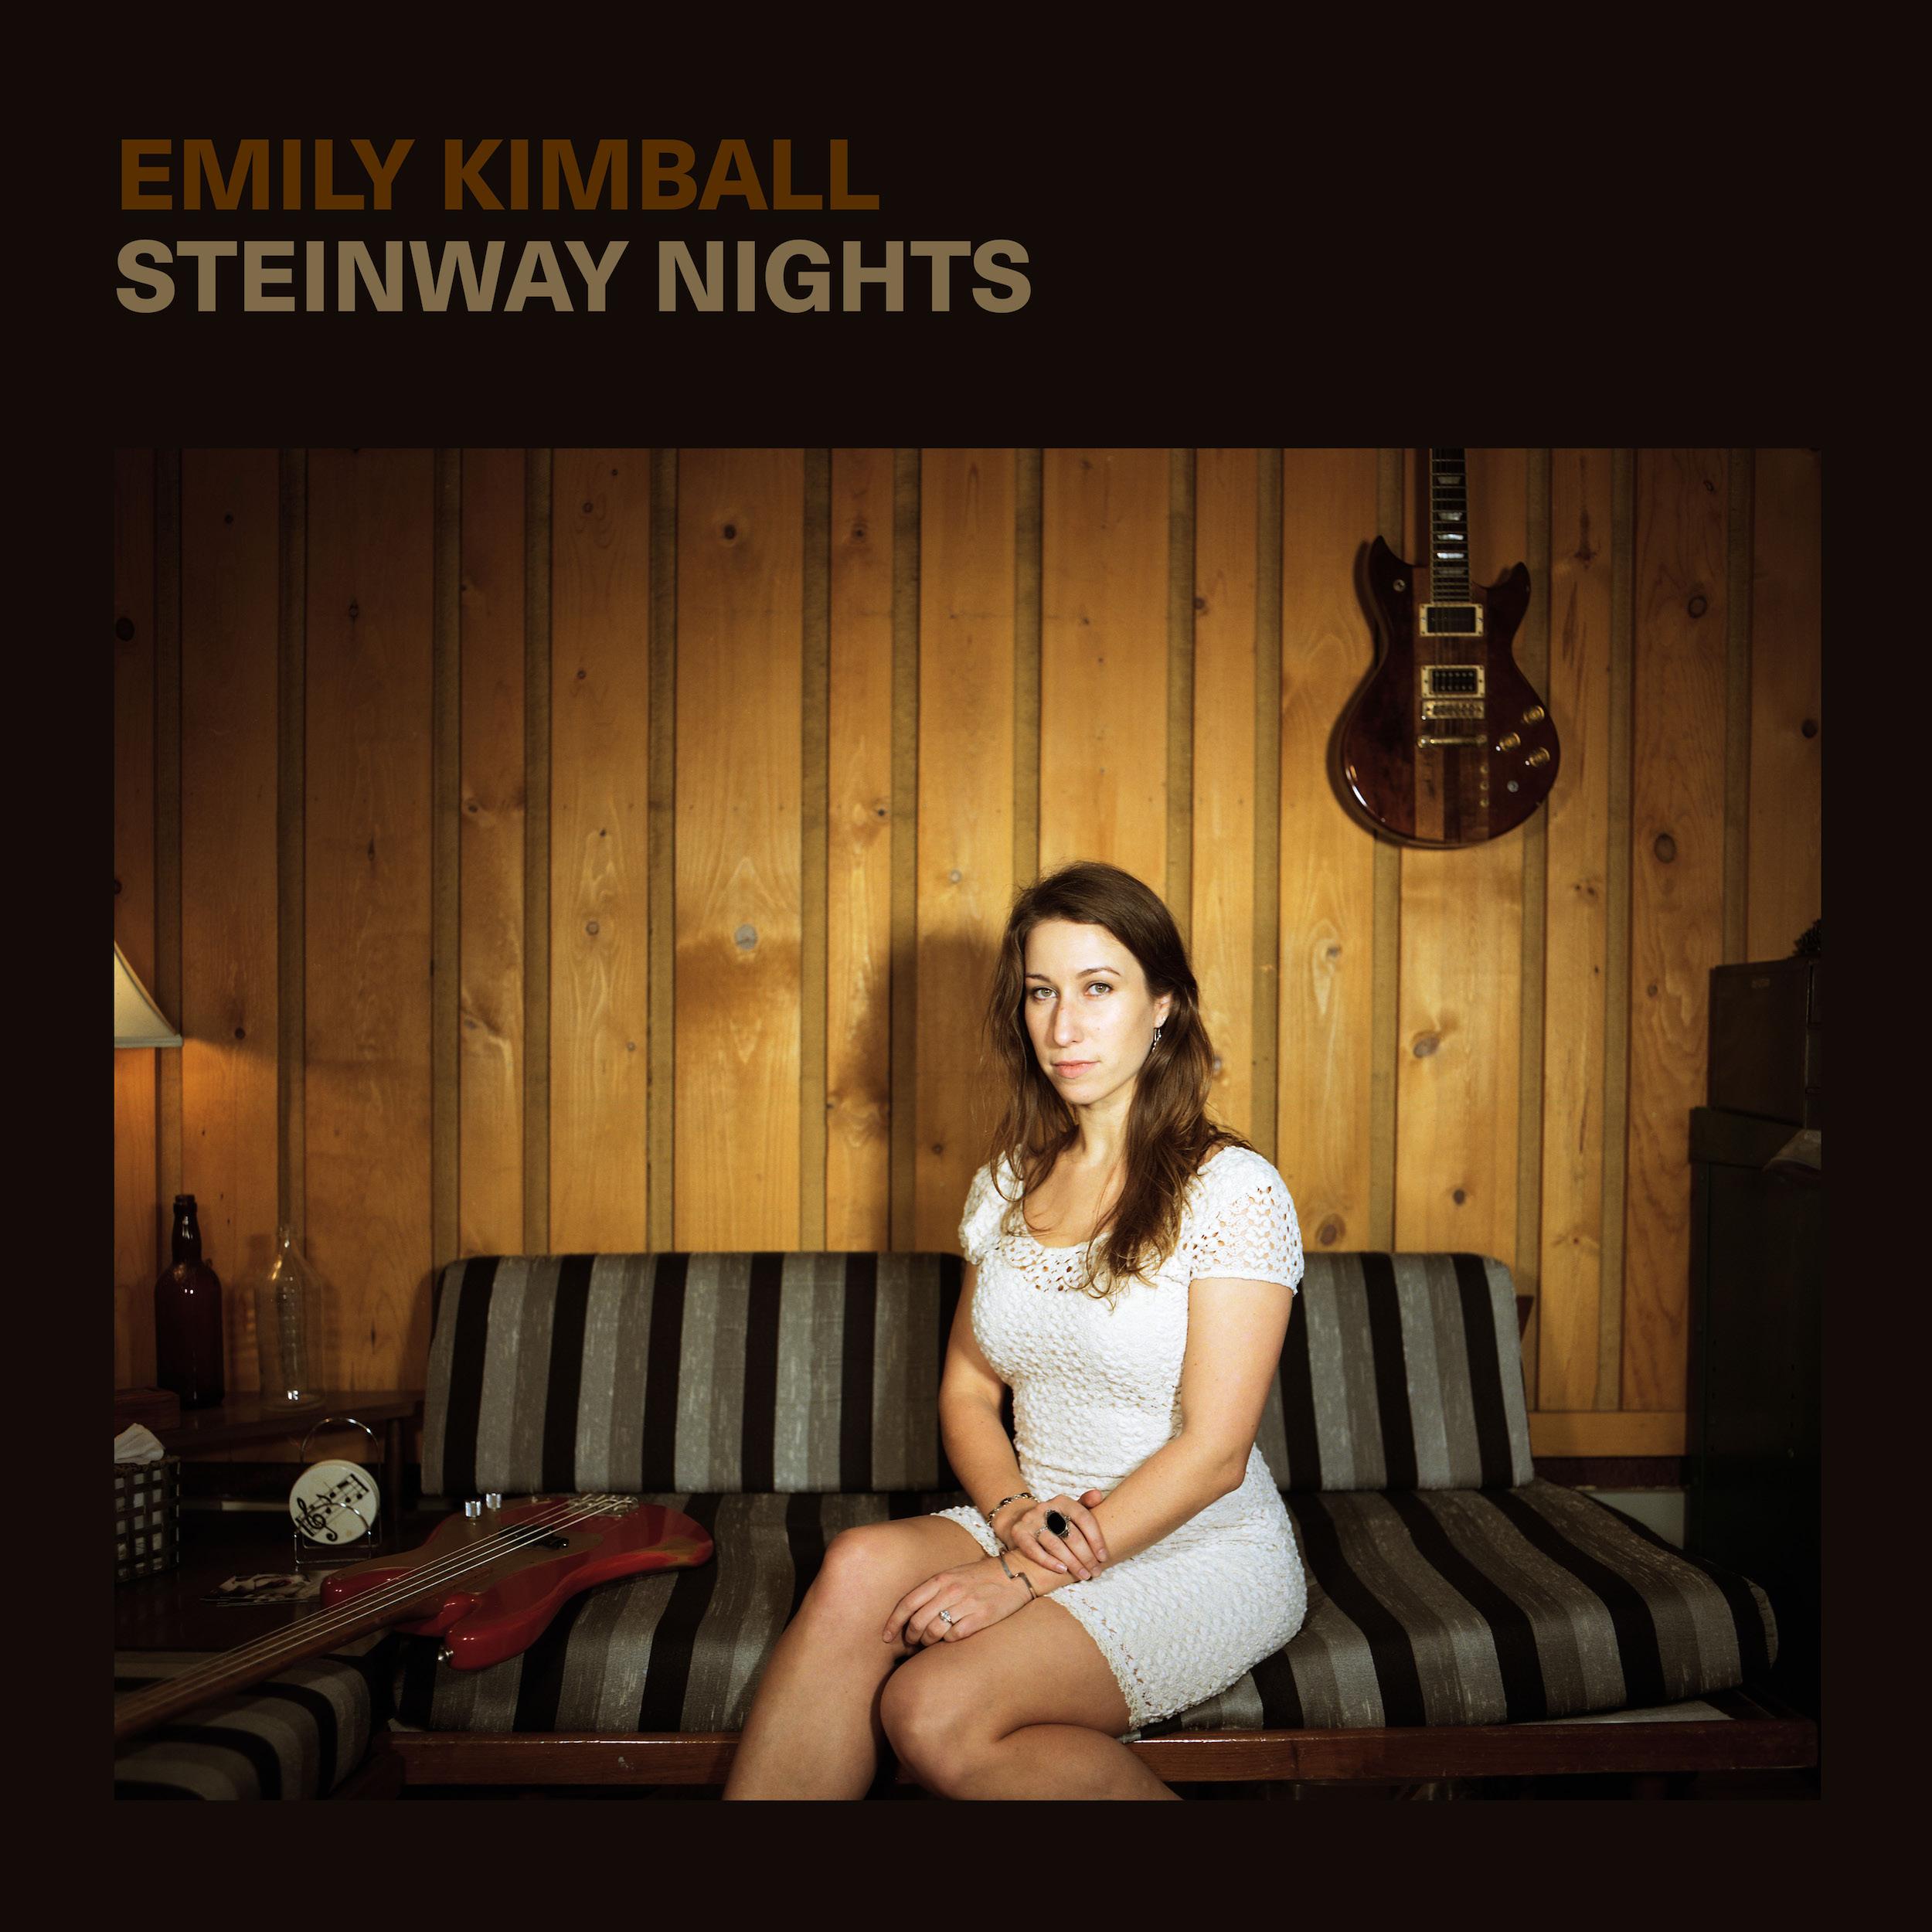 EmilyKimball_AlbumCover 2500.jpg